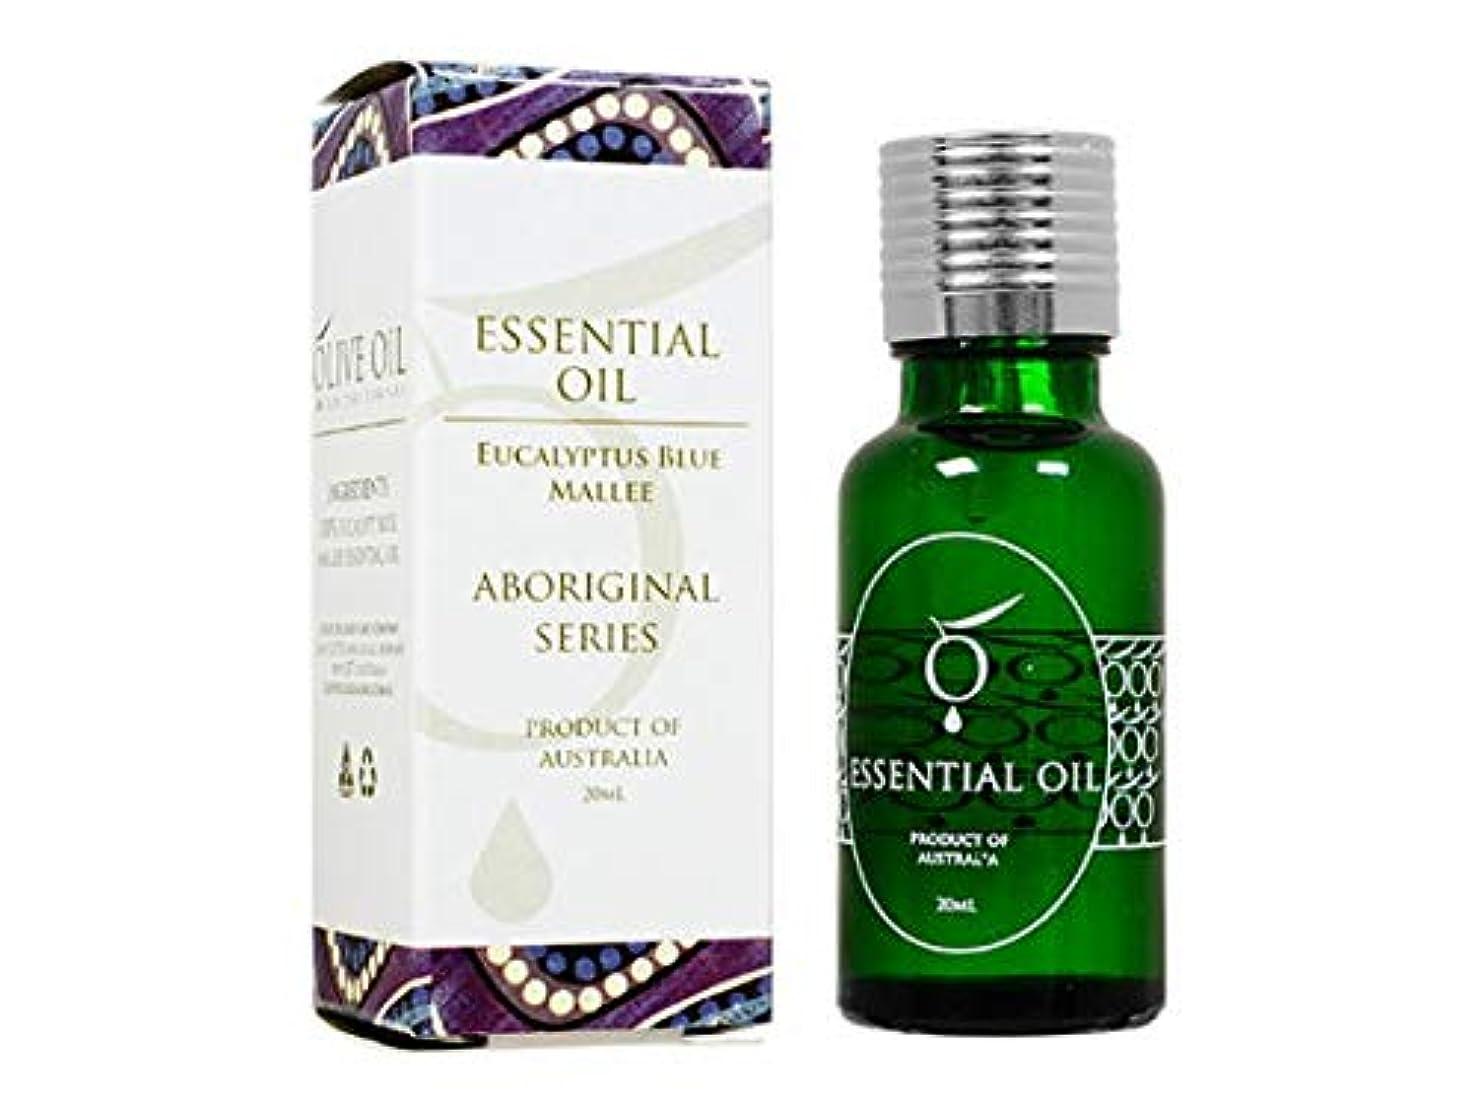 約正確な試験OliveOil エッセンシャルオイル?ユーカリブルーマリー 20ml (OliveOil) Essential Oil (Eucalyptus Blue Mallee) Made in Australia